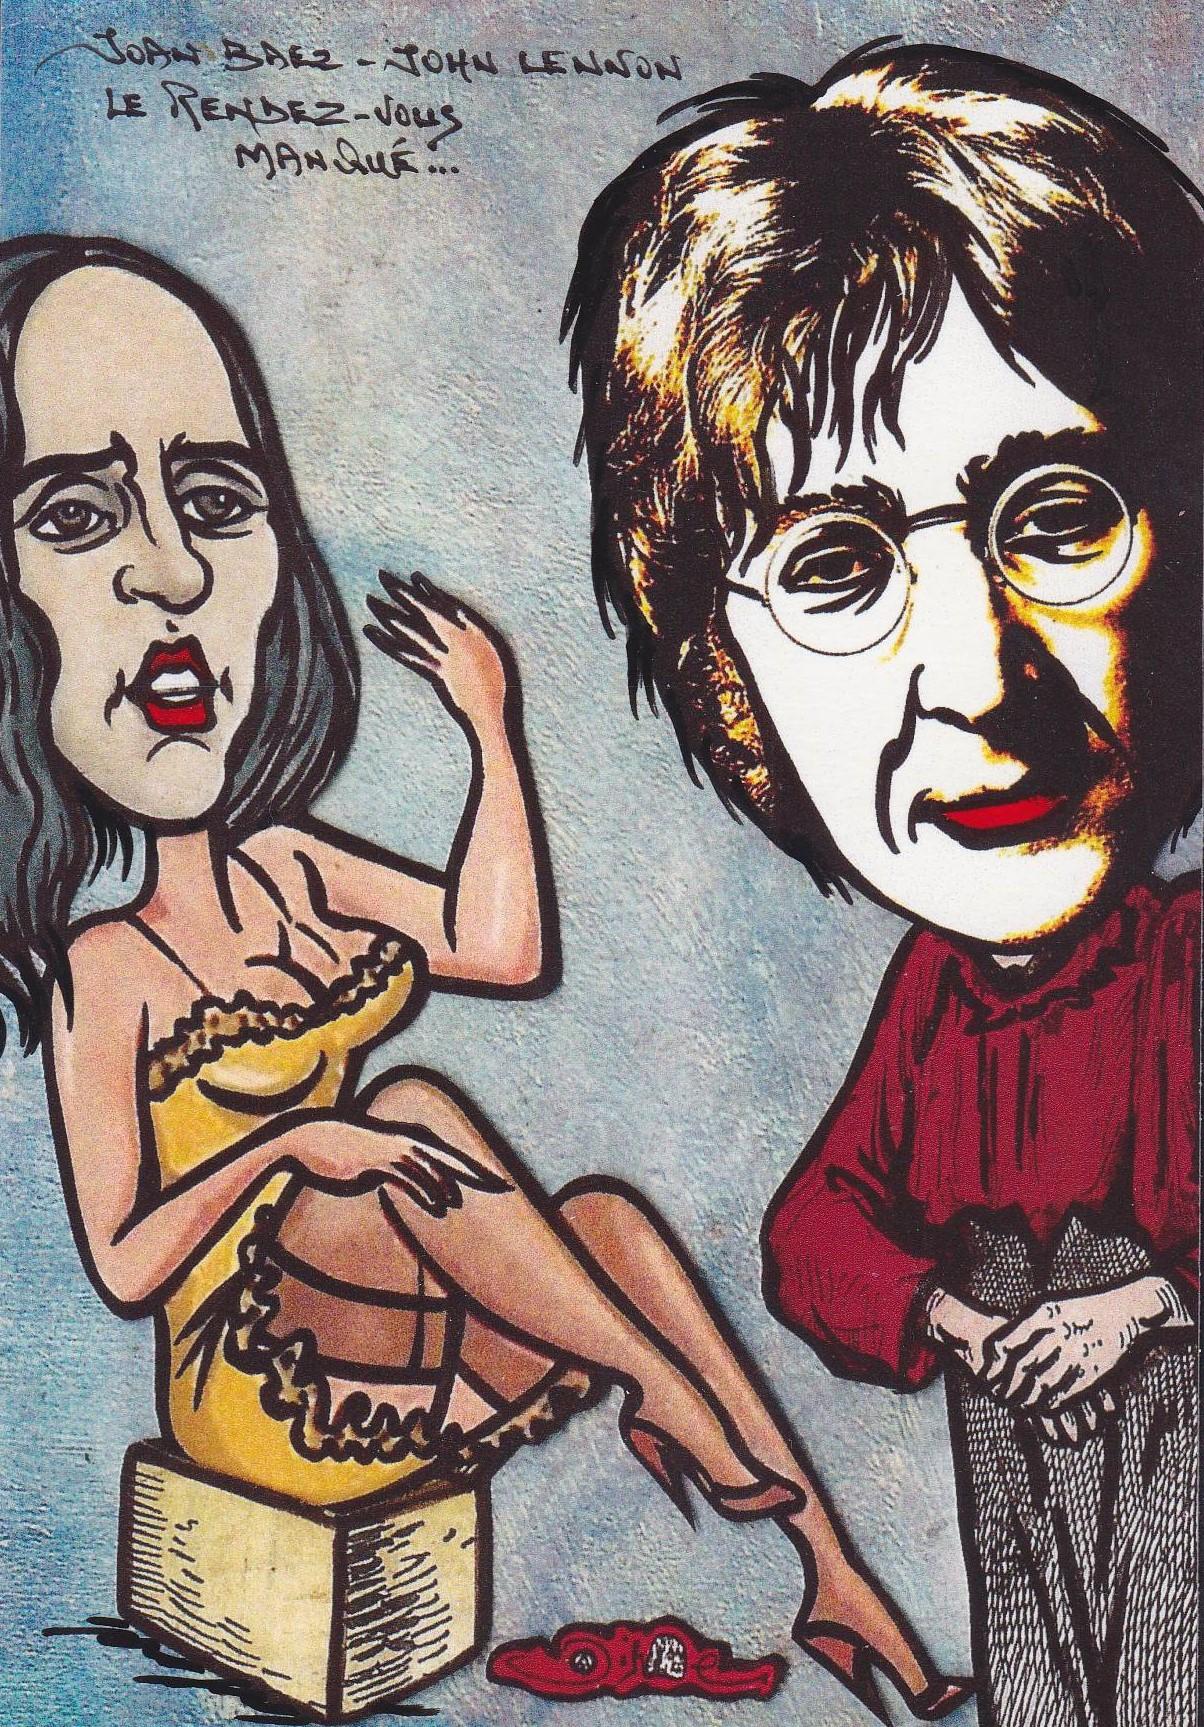 John Lennon (6)